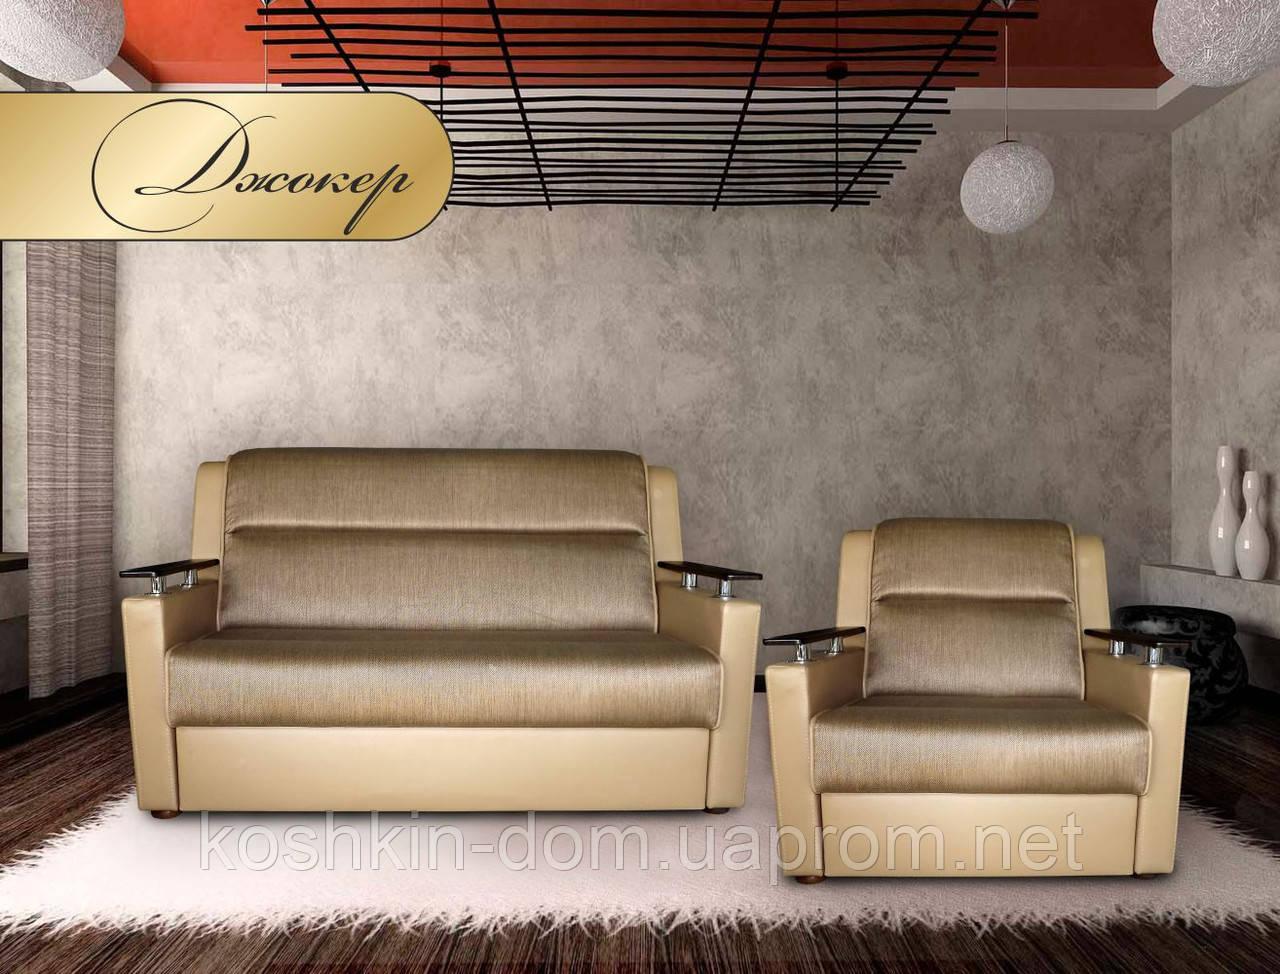 """Комплект мягкой мебели """"Джокер"""" (диван+кресло)"""